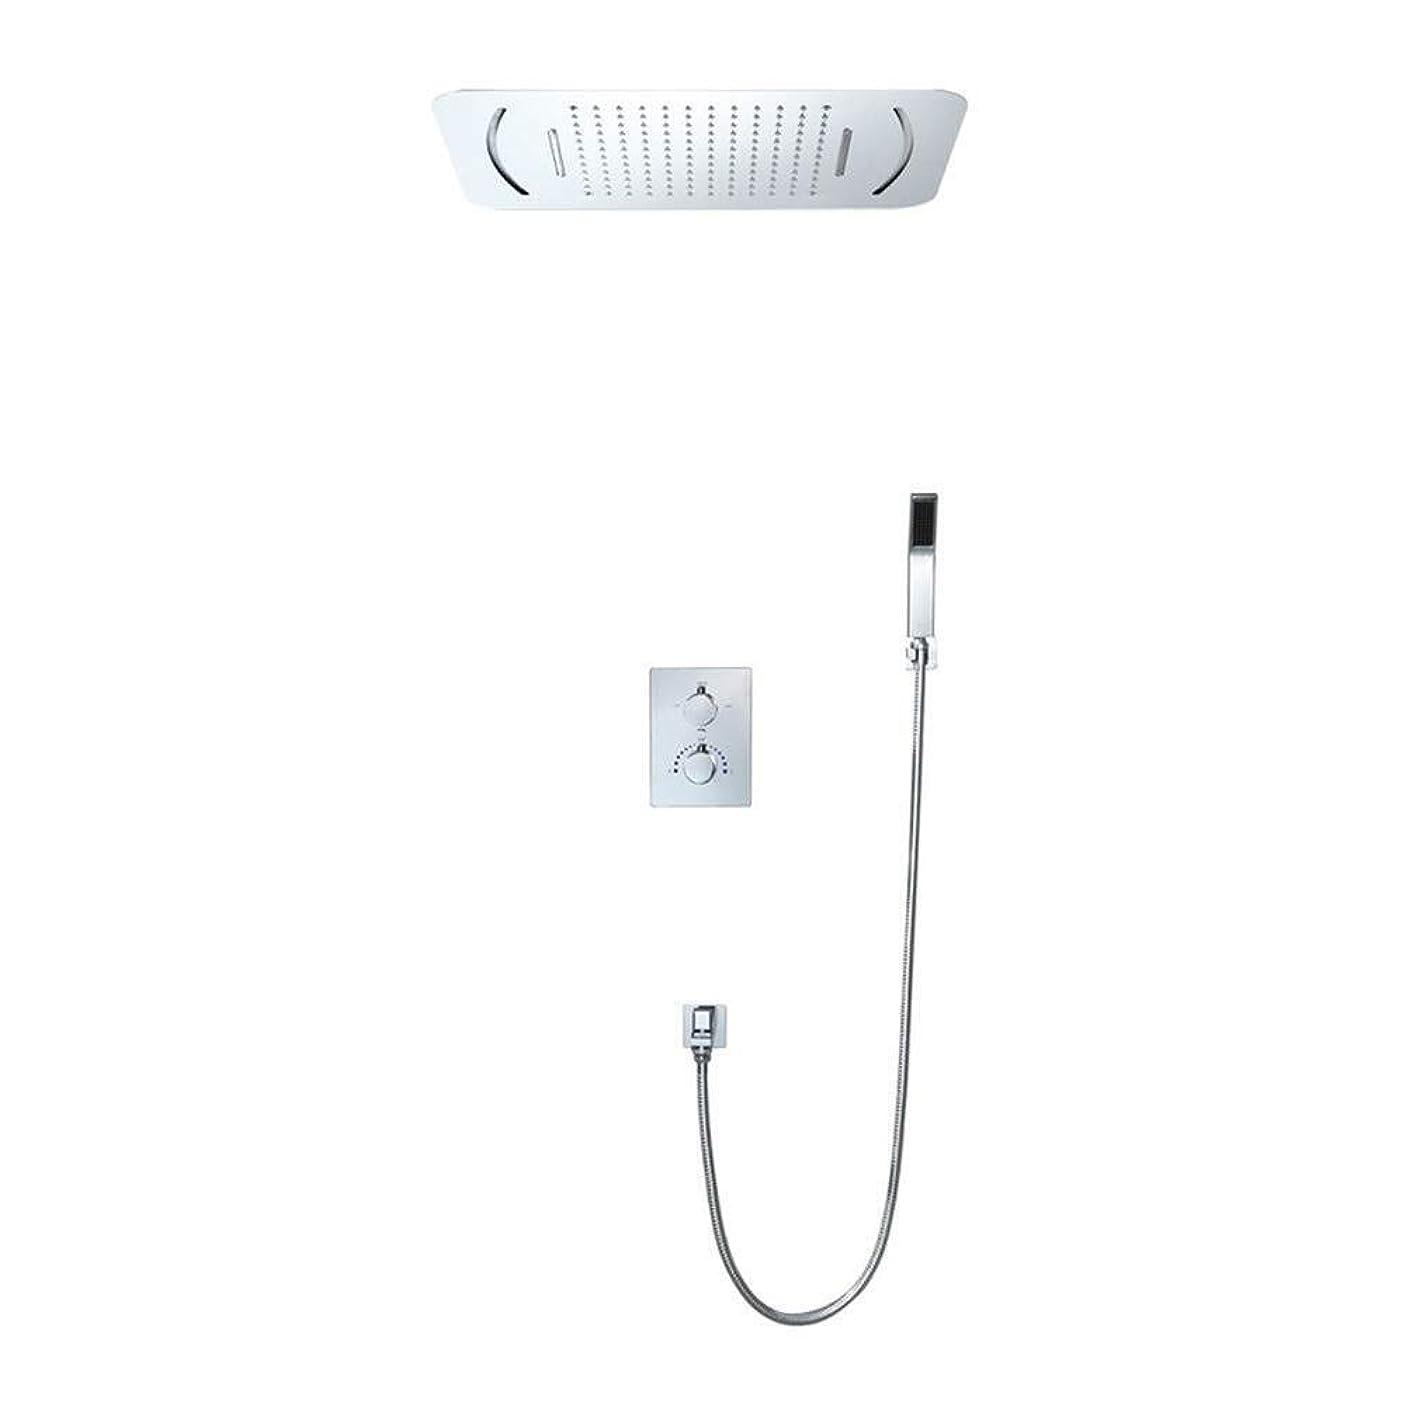 鮫徹底虫ZY-YY 3-機能で壁事前に埋め込まれたボックスLEDシャワートップは固定シャワーヘッドをスプレーサーモスタット隠されたシャワー